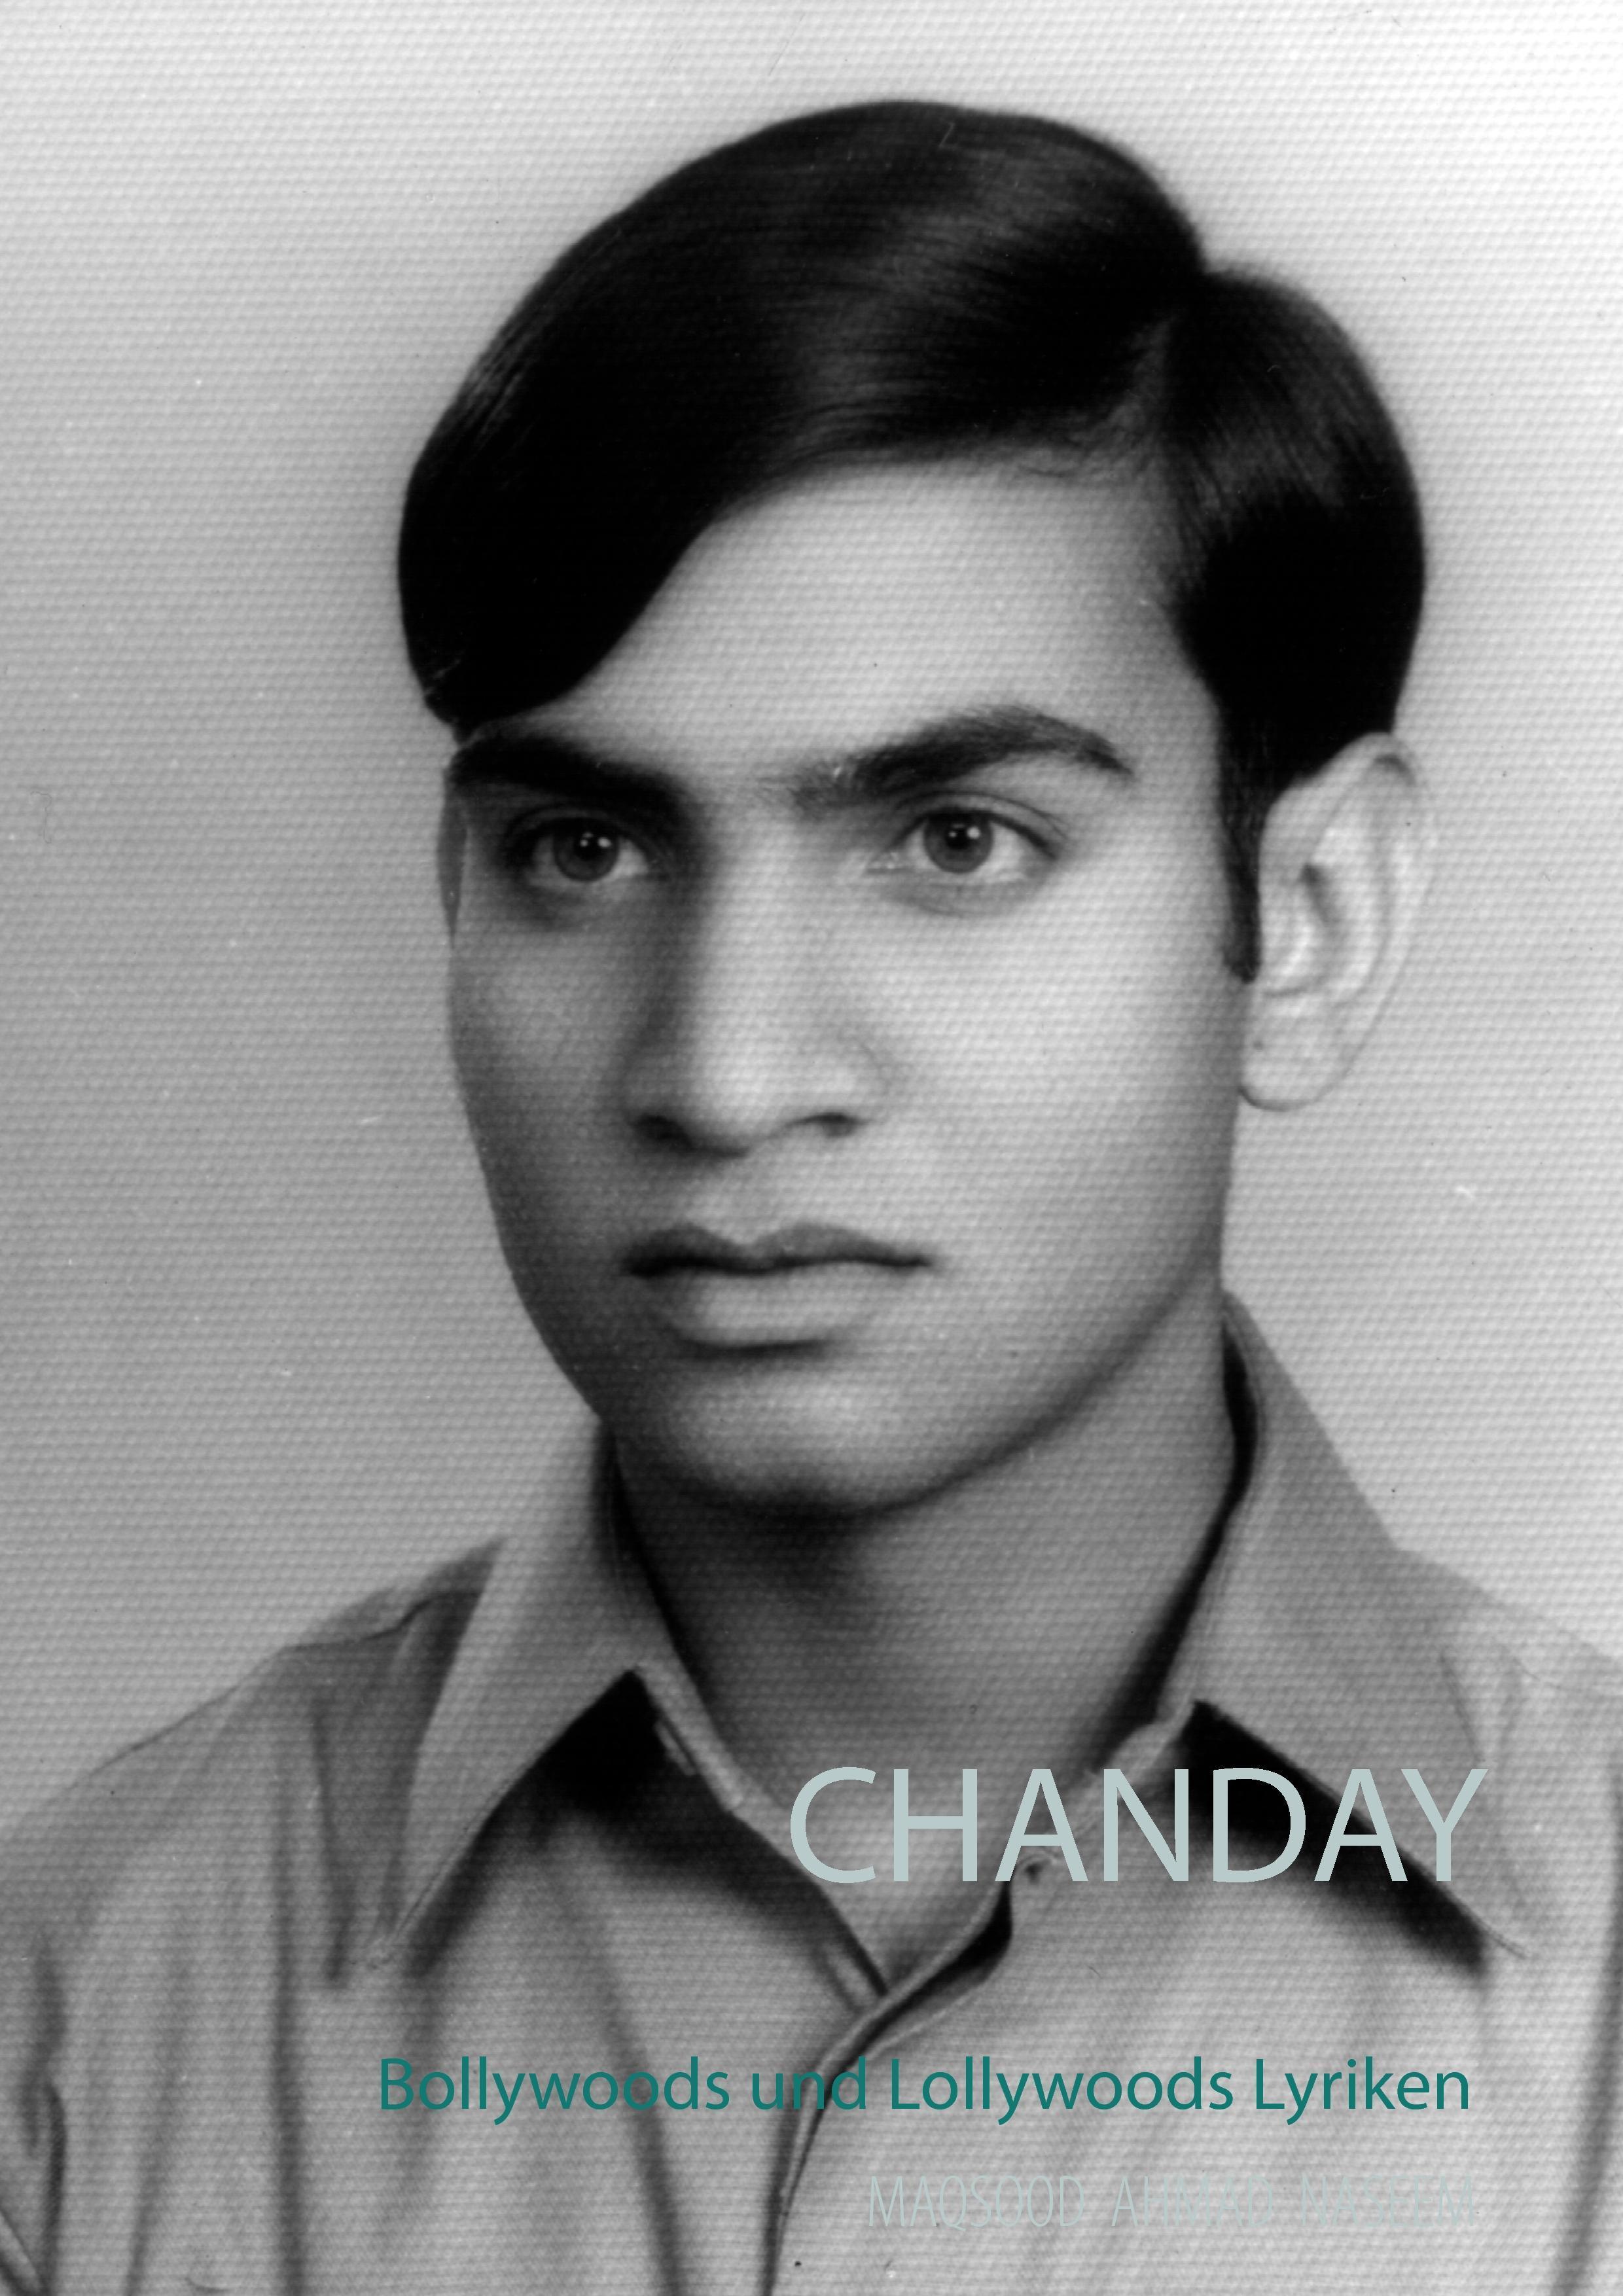 Chanday Aaftaab